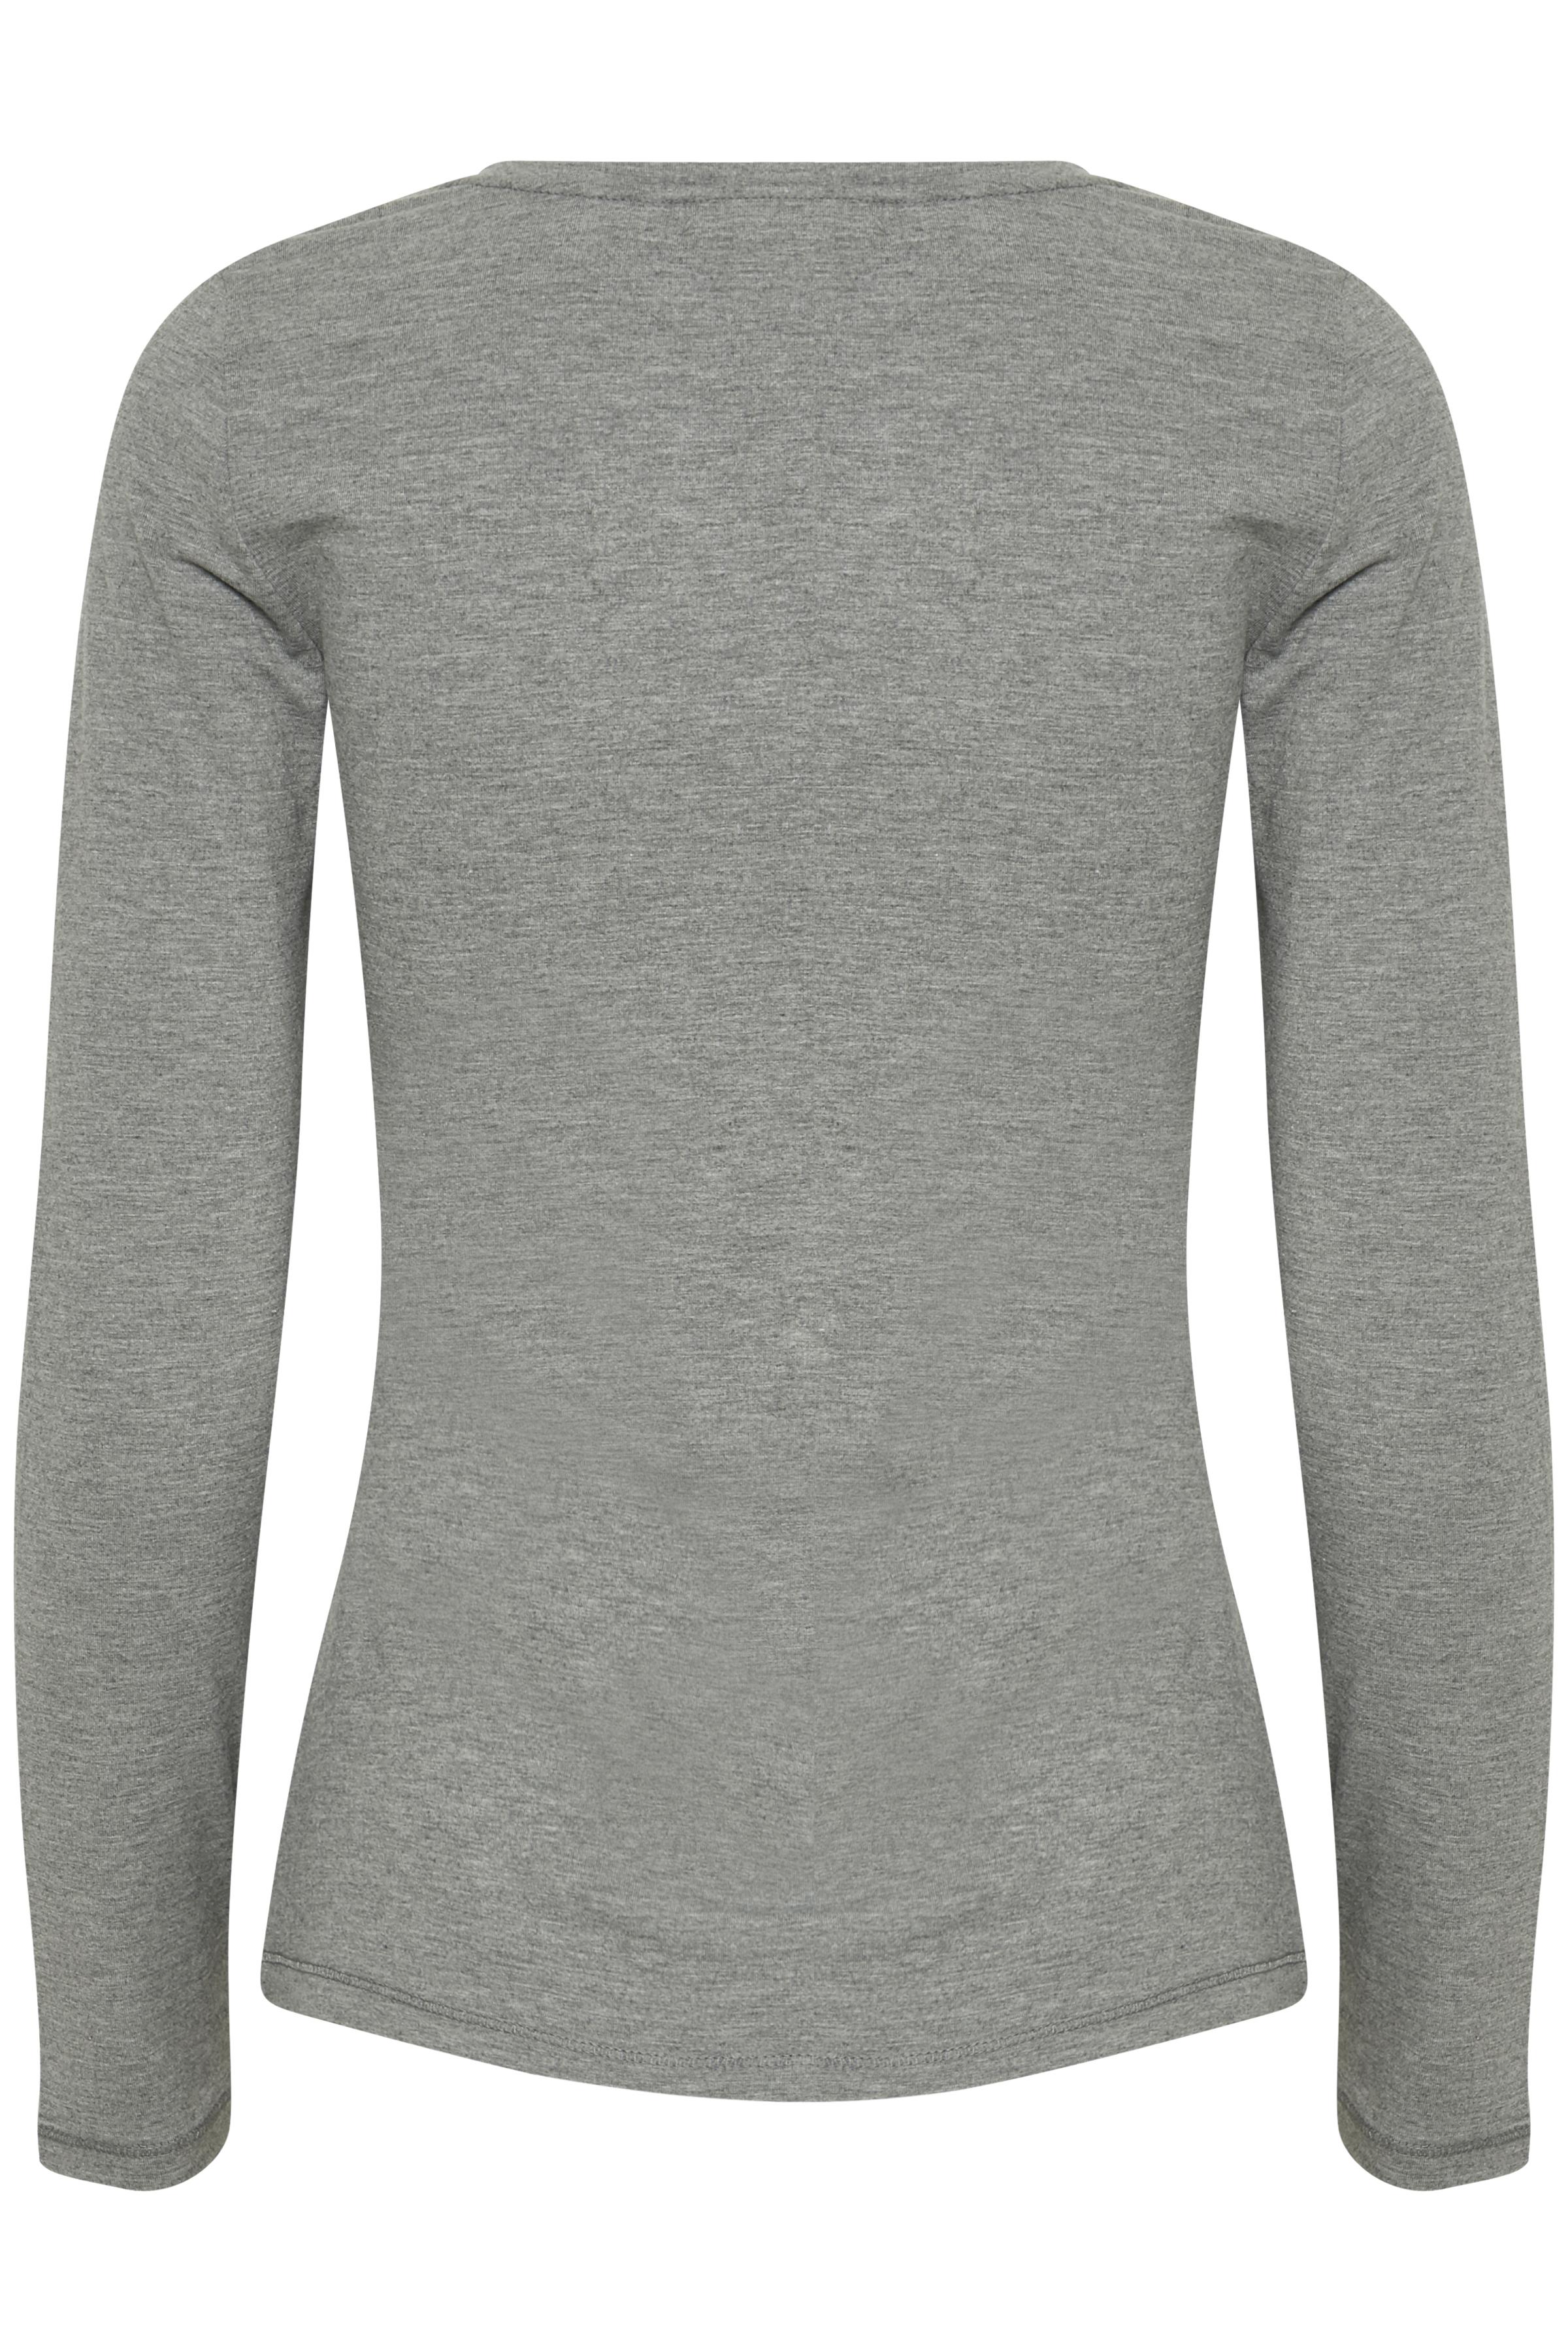 Gråmelerad Långärmad T-shirt från Fransa – Köp Gråmelerad Långärmad T-shirt från stl. XS-XXL här